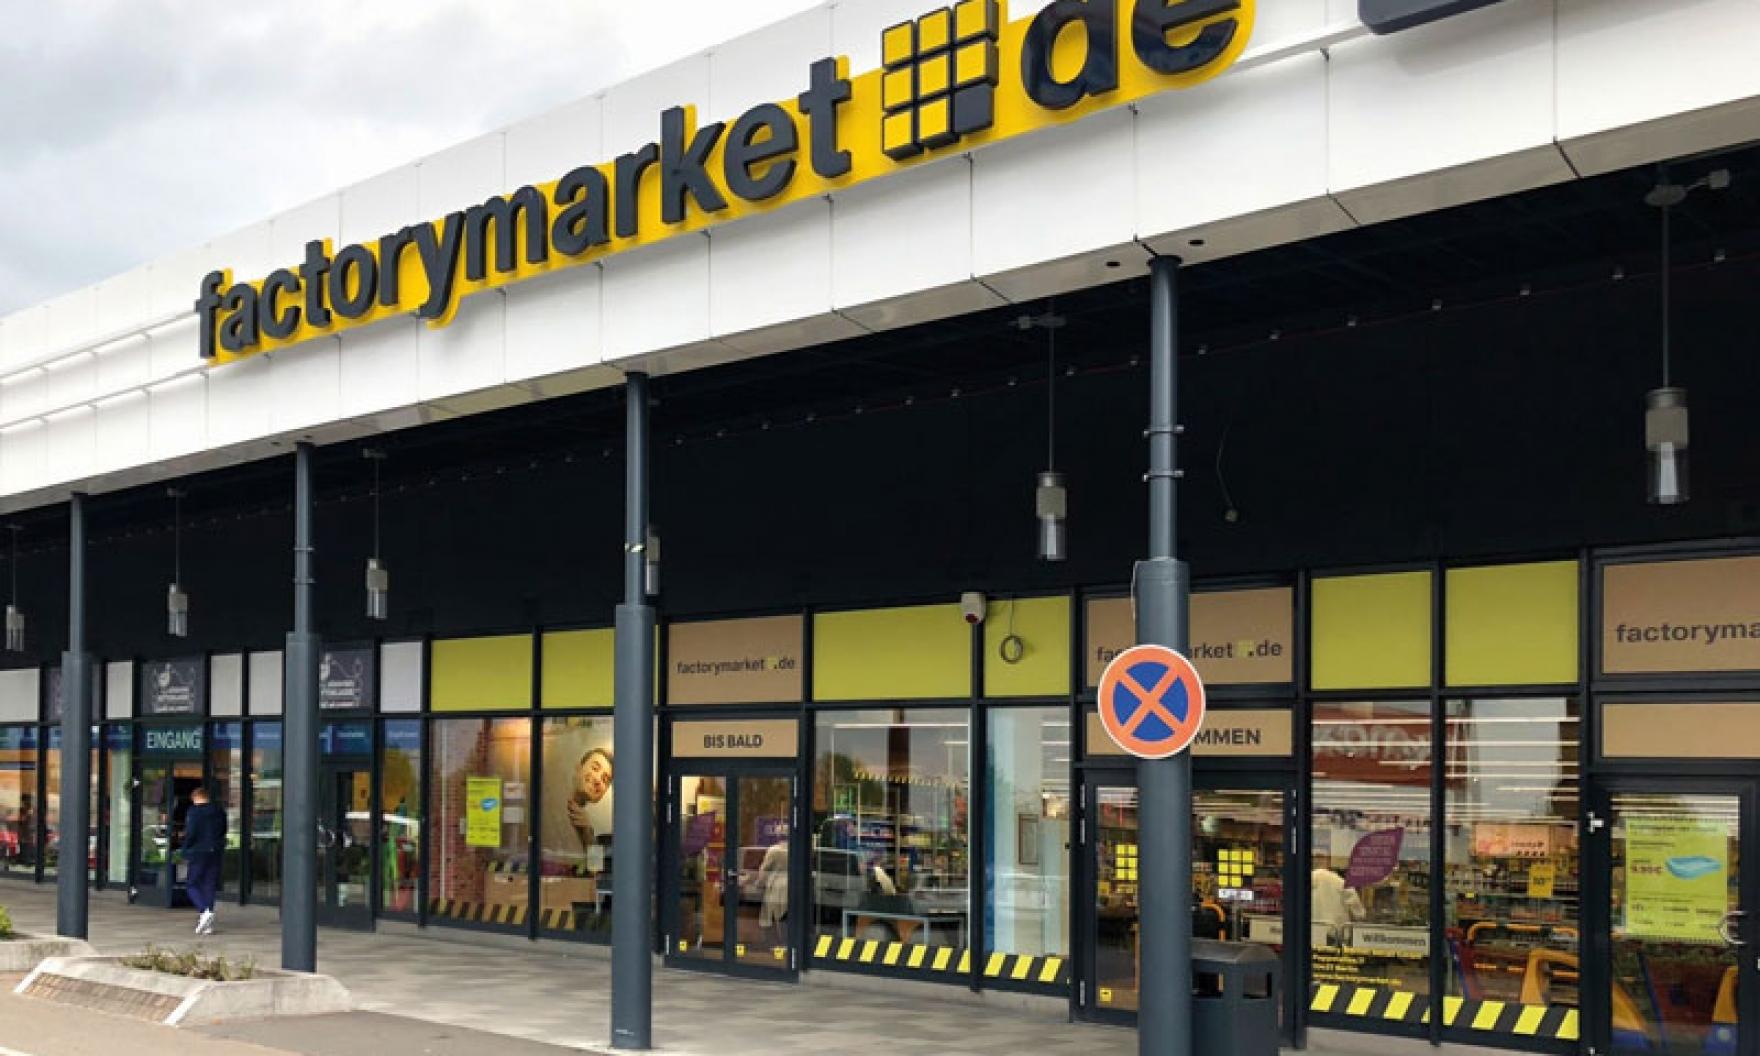 ARCREX – Retail Experts GmbH übernimmt exklusiv deutschlandweite Expansionsplanung für Factorymarket